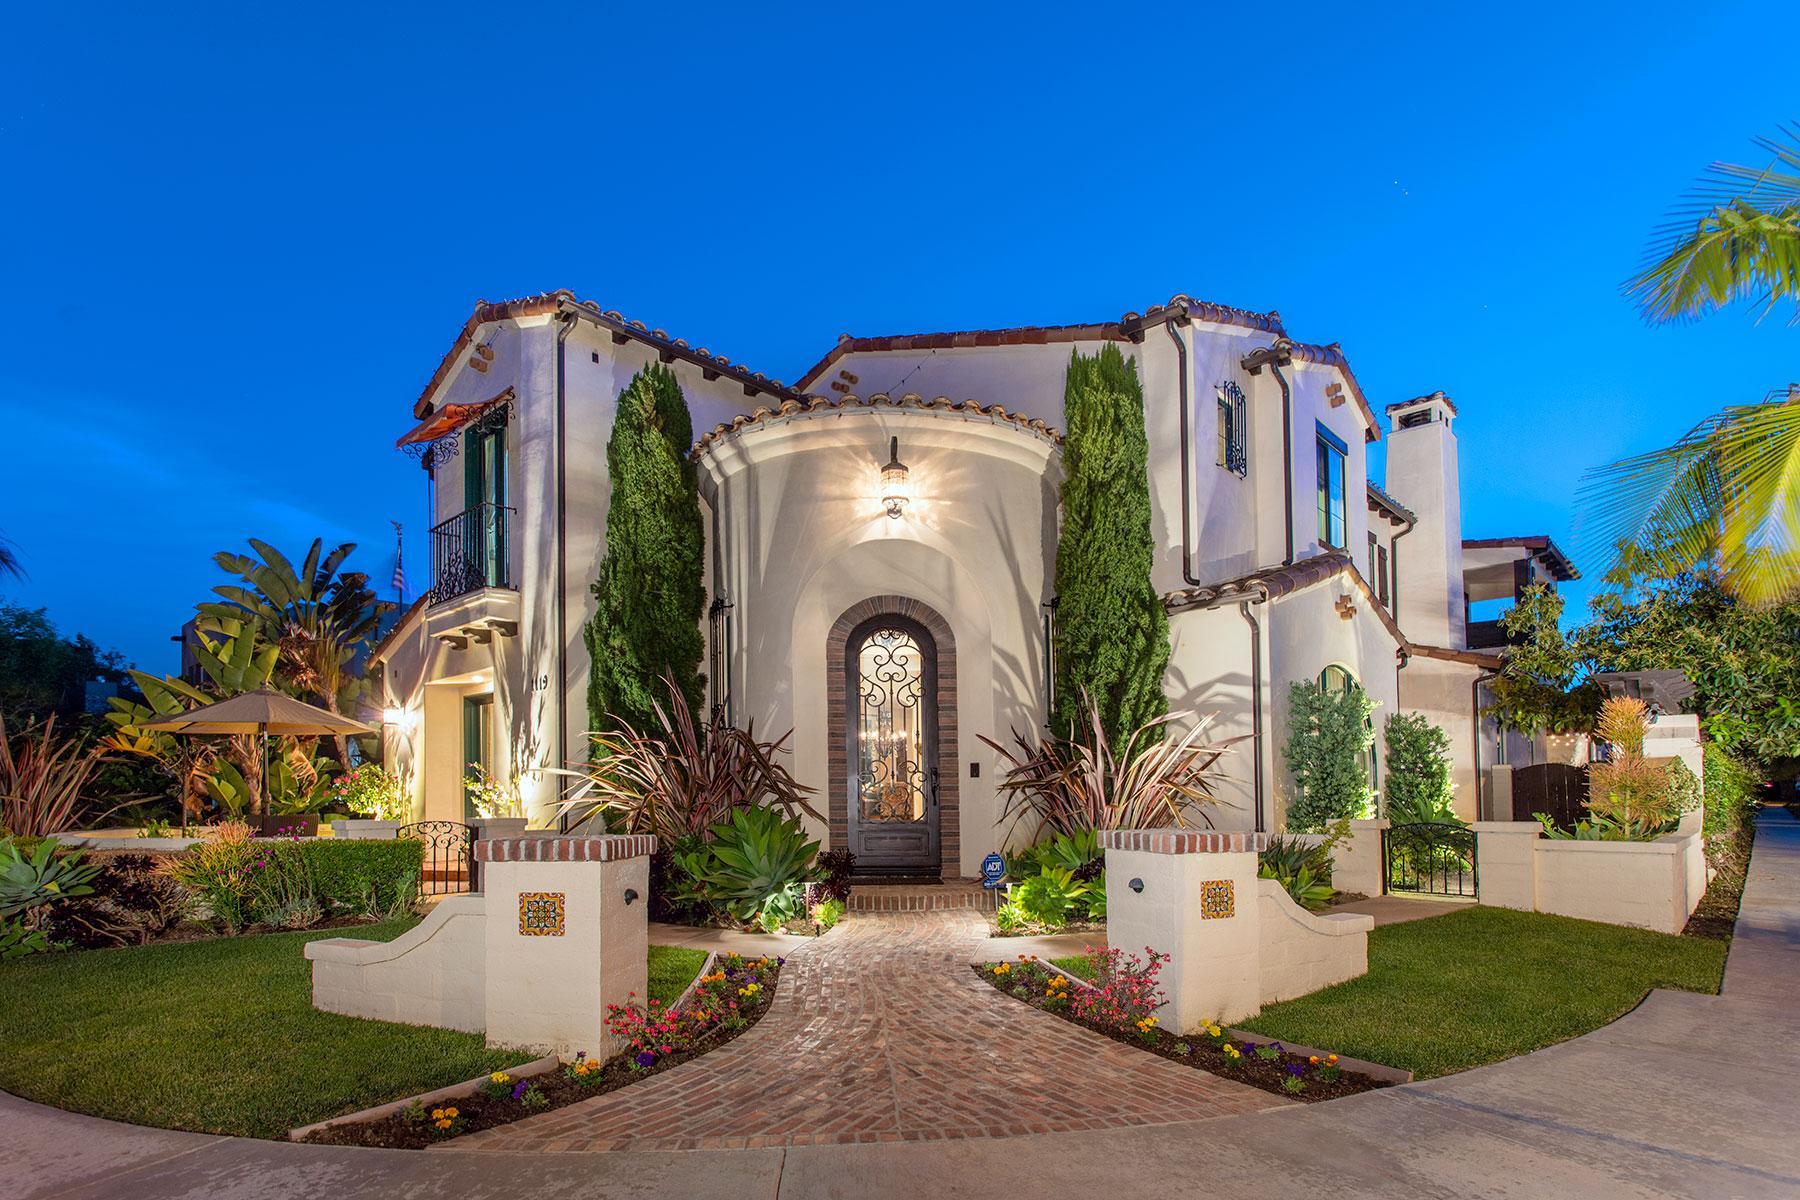 Частный односемейный дом для того Продажа на 1119 Pine 1119 Pine Huntington Beach, Калифорния 92648 Соединенные Штаты